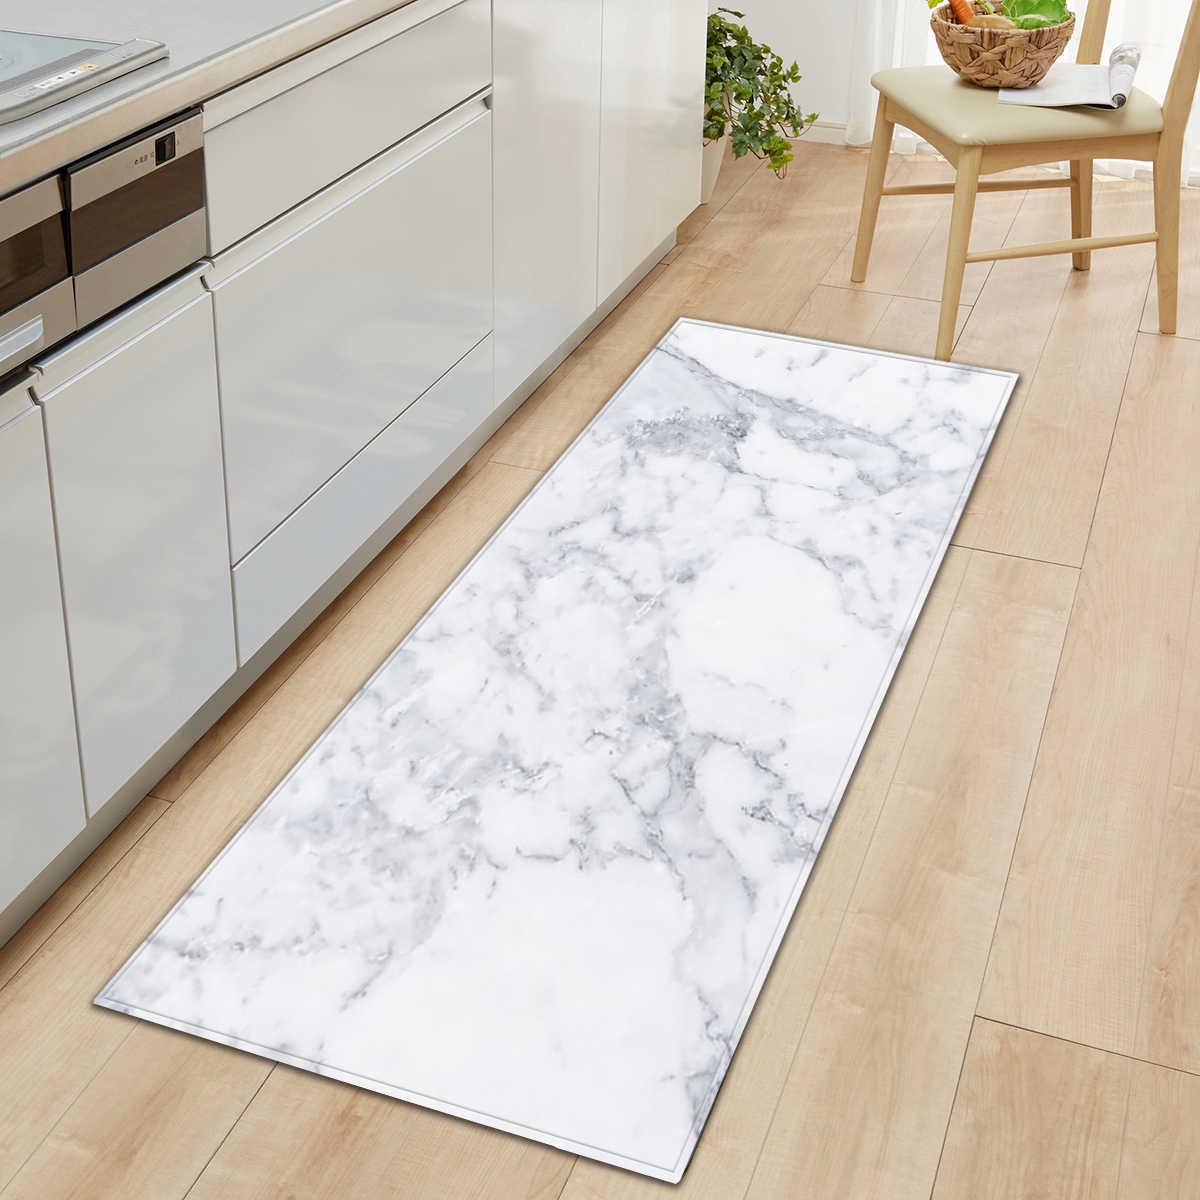 Tapis de sol imprimé à motif de marbre  Tapis de sol antidérapant